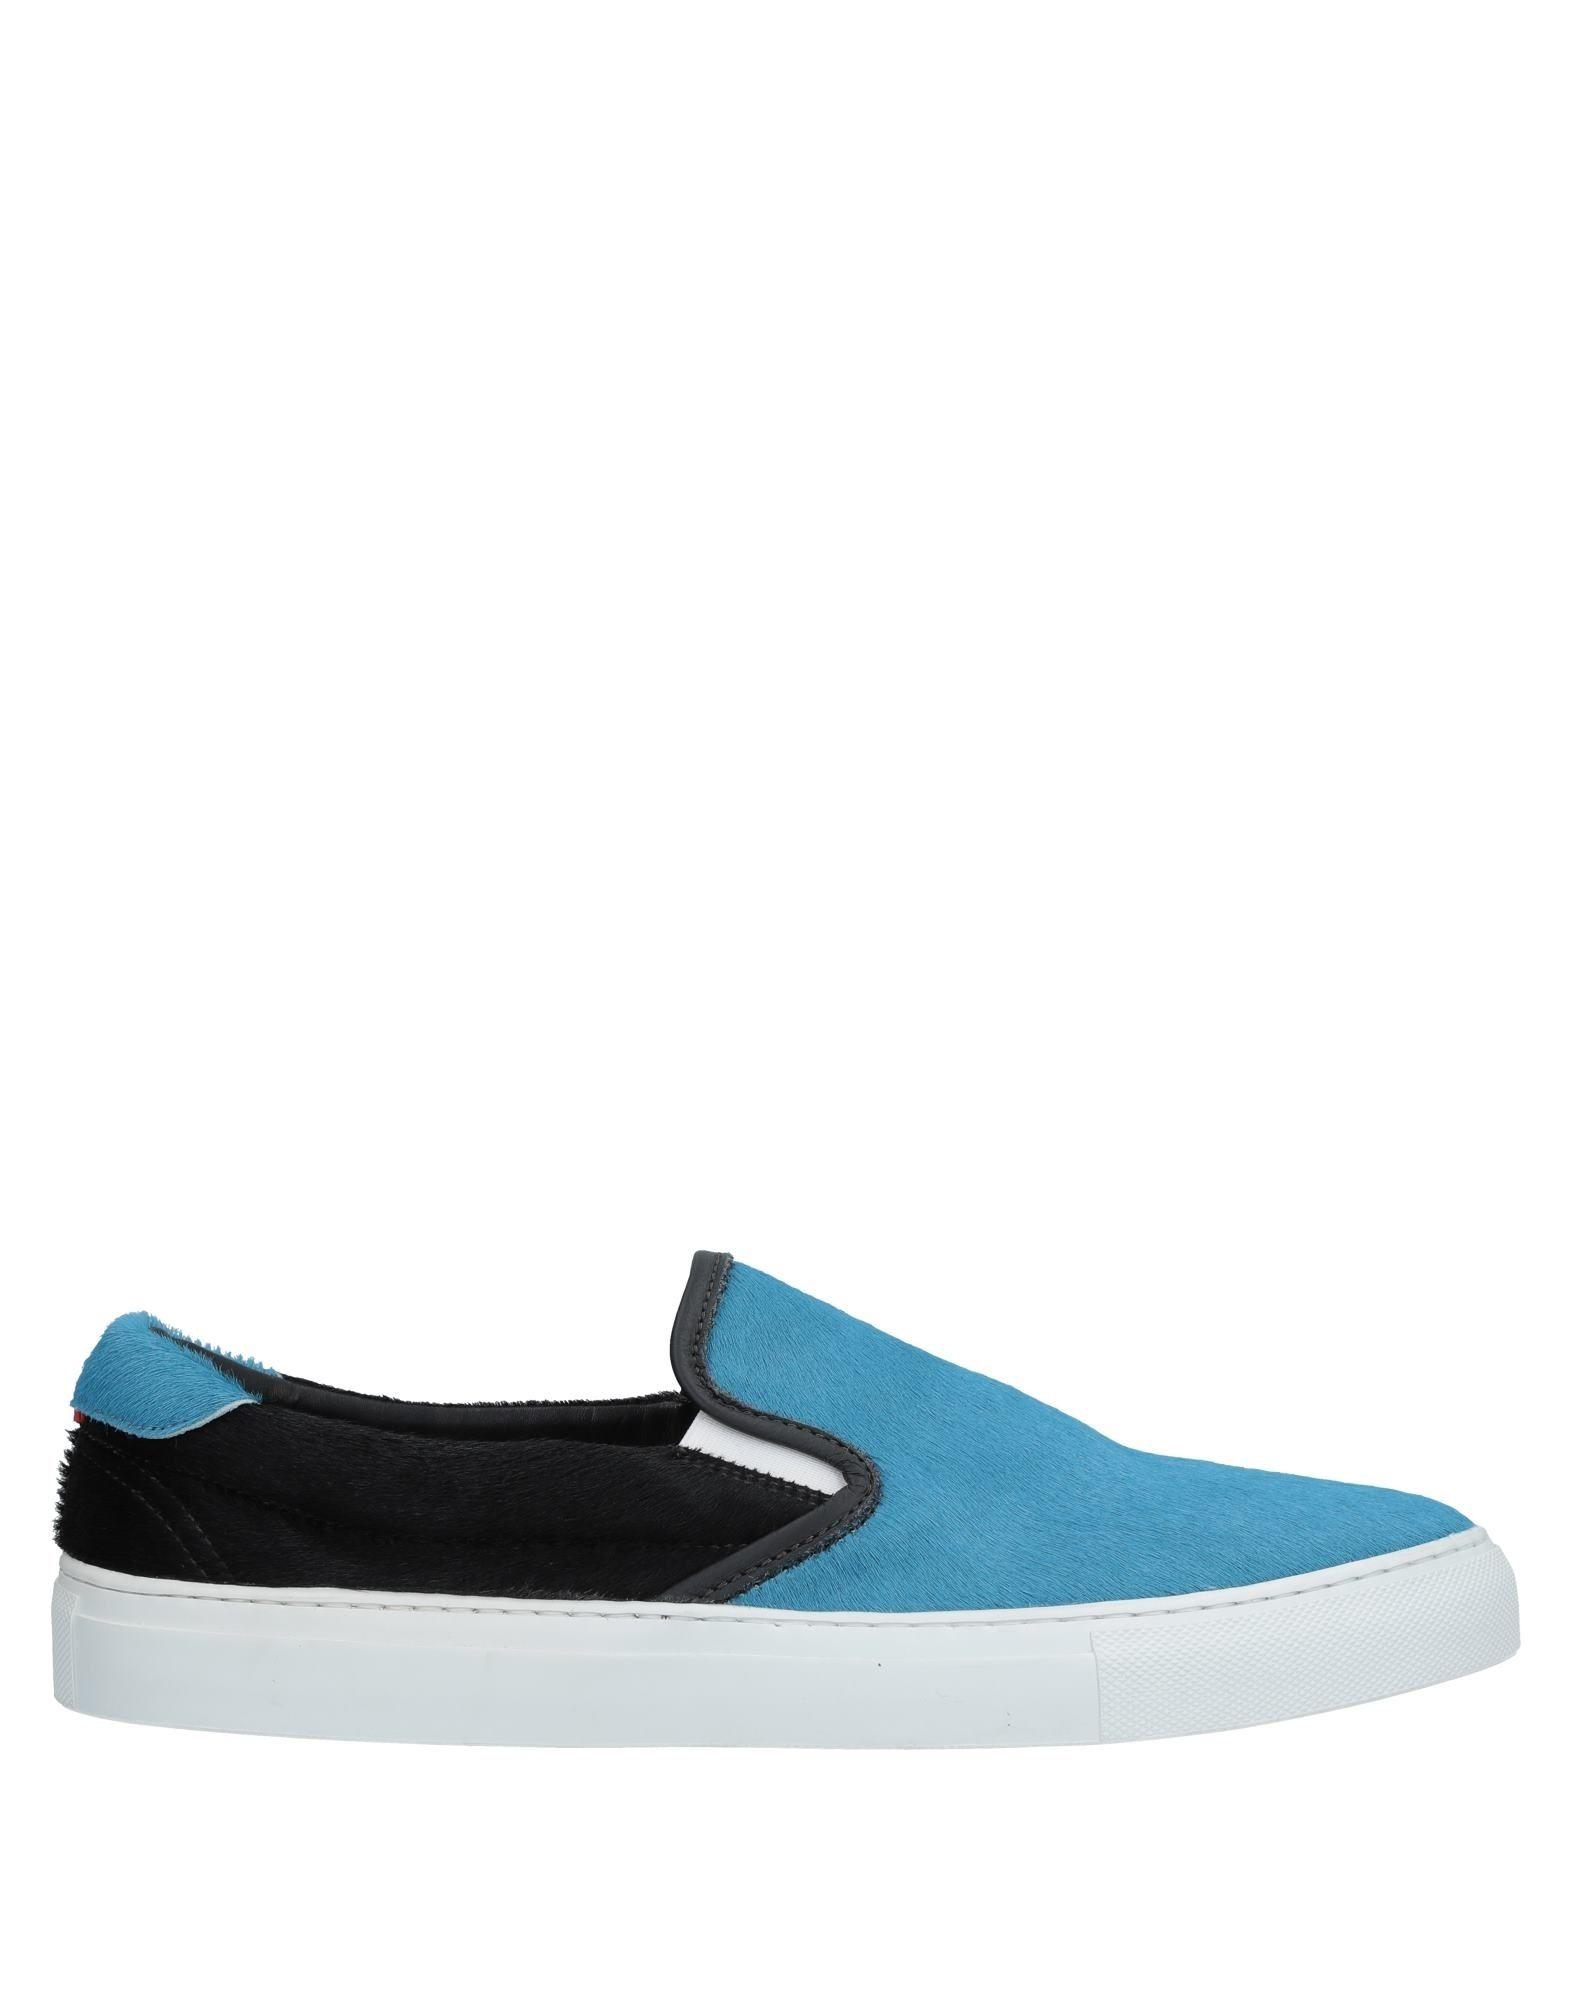 Sneakers Diemme Uomo - 11537695UD Scarpe economiche e buone